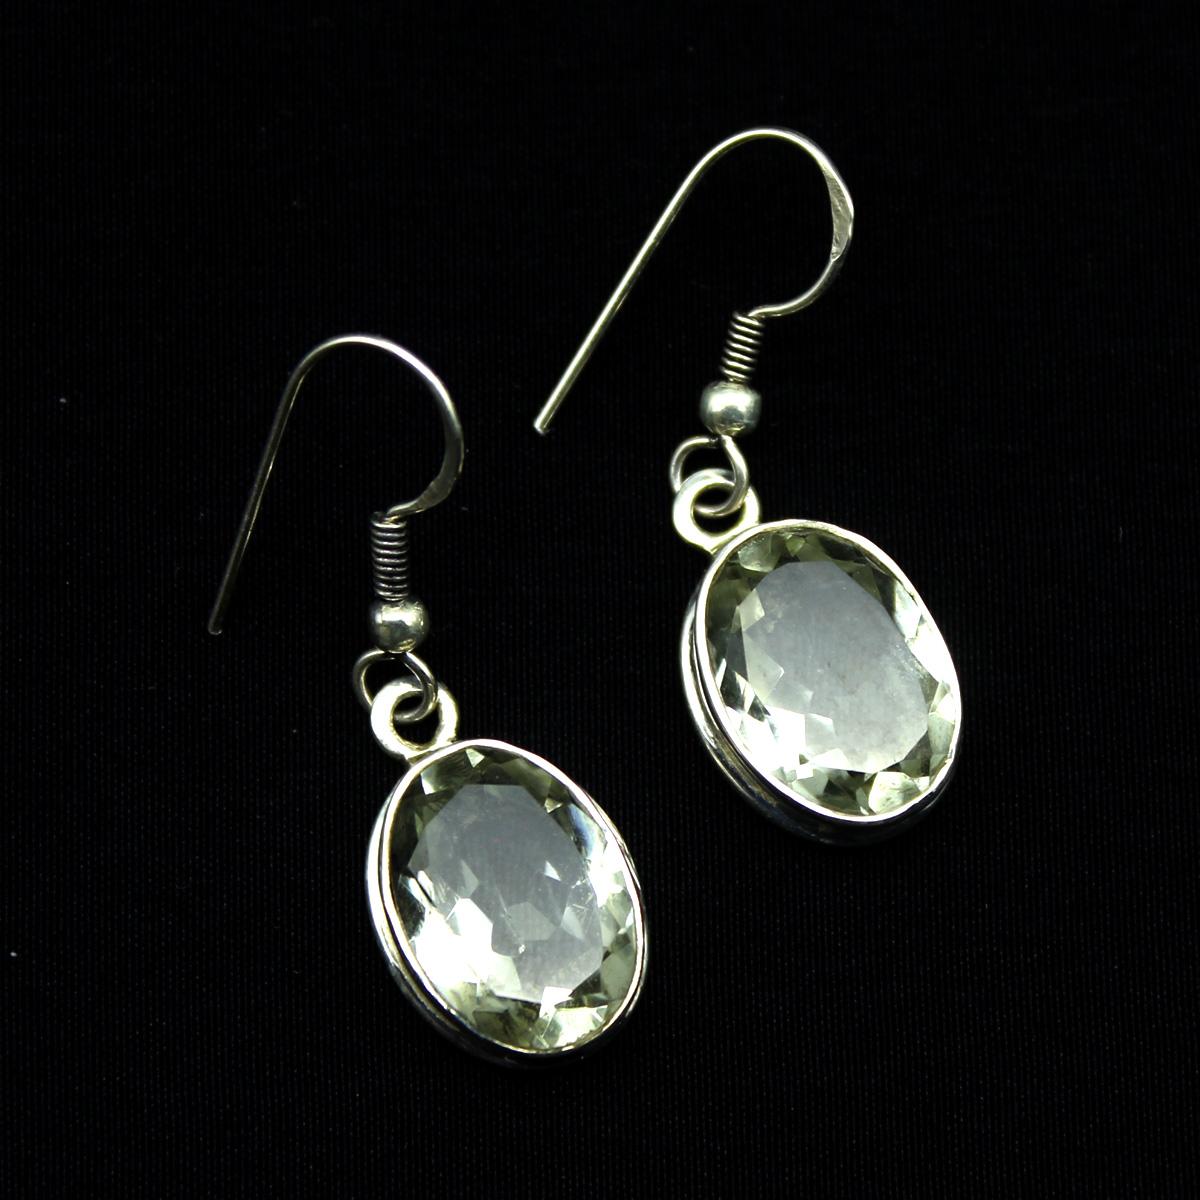 Серьги, серебро, натуральный камень, 6.01 грамм, проба 925